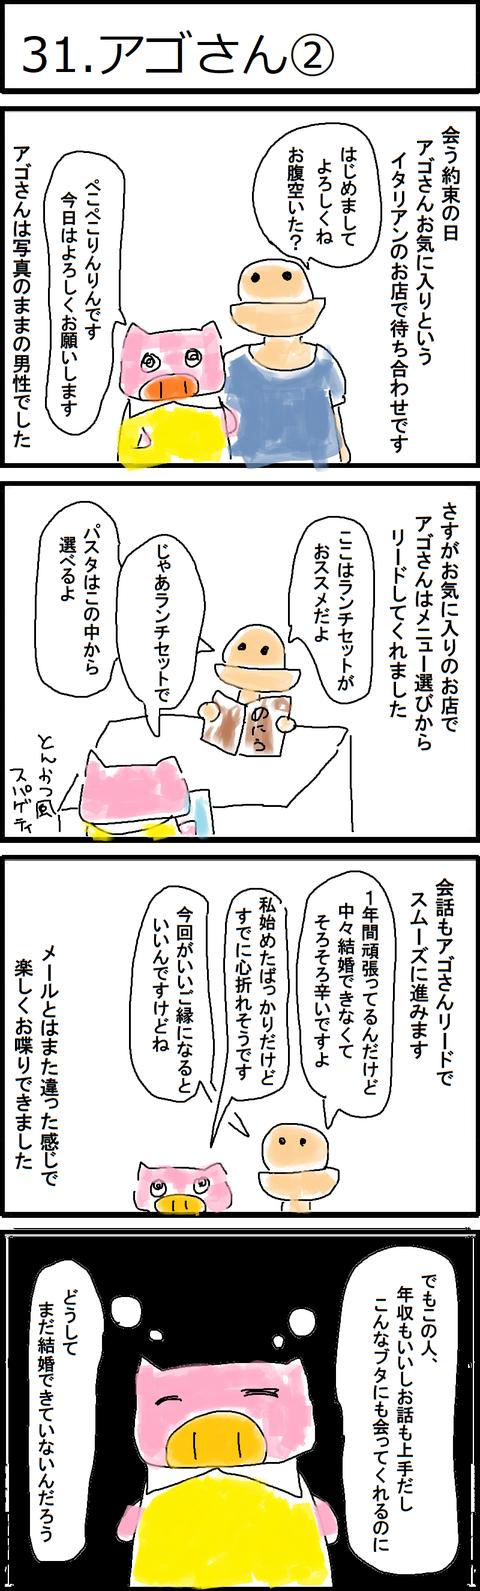 31.アゴさん②